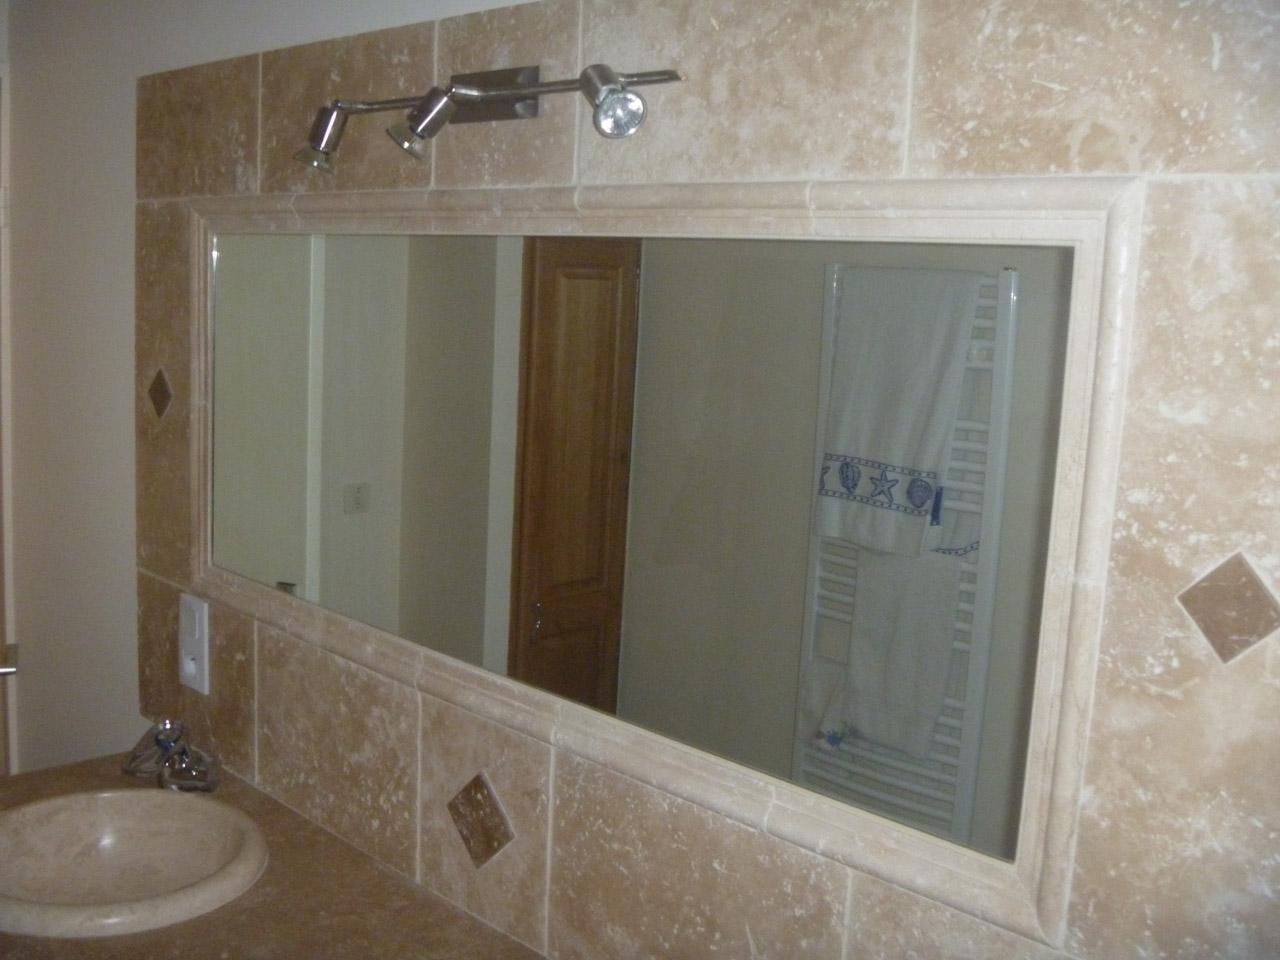 Ceramique salle de bain tunisie solutions pour la for Nettoyer ceramique salle bain